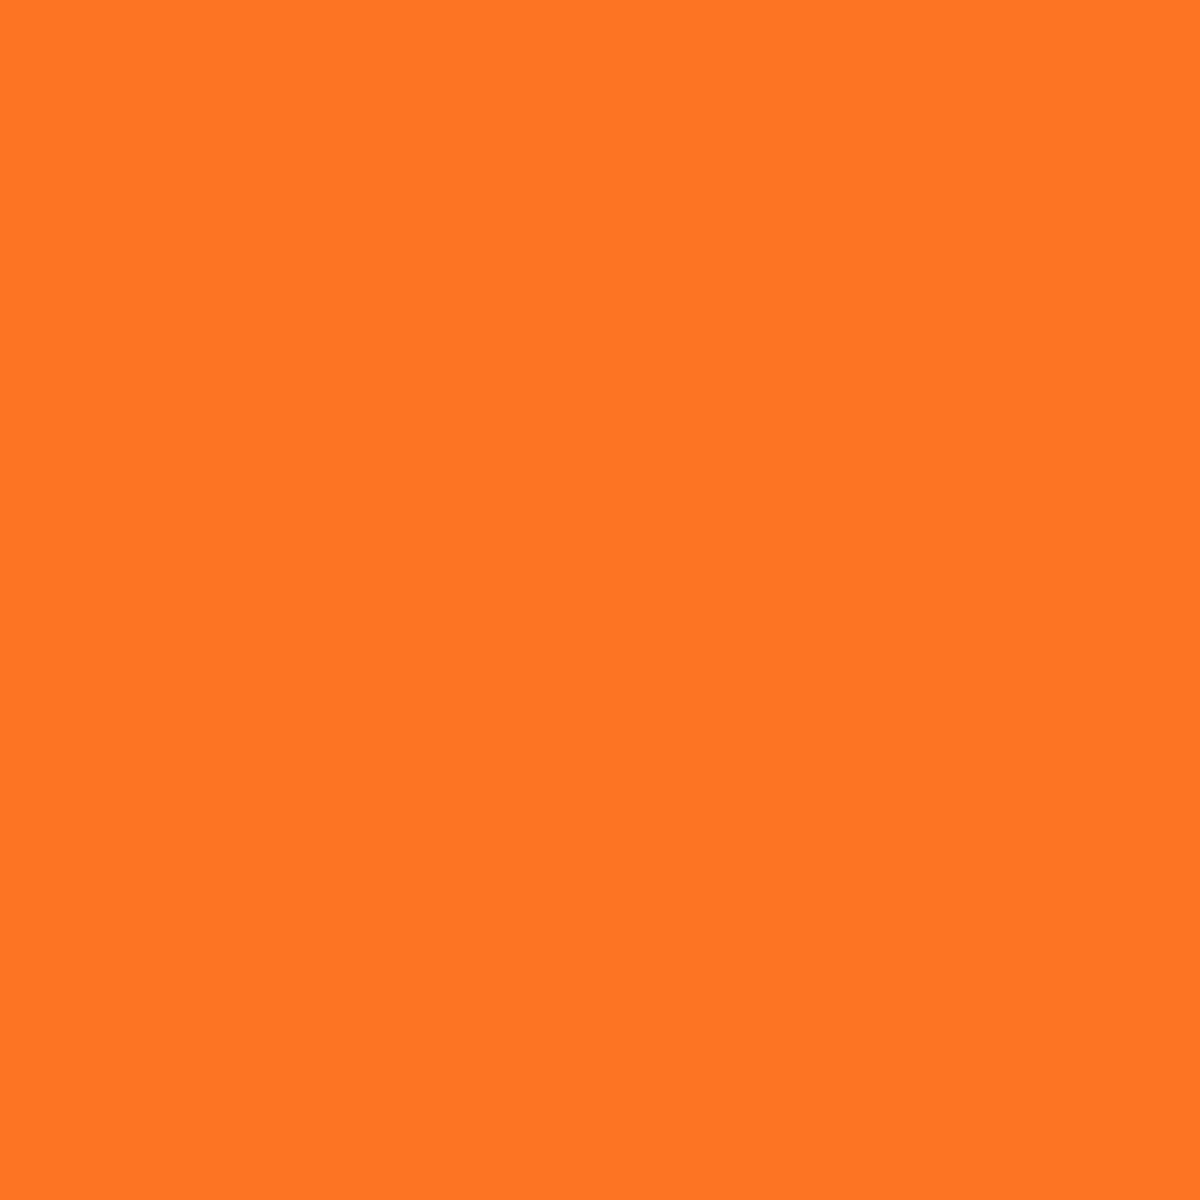 Faltkarten Din Lang   Schwarz     500 Stück   Premium Qualität - 10,5 x 21 cm - Sehr formstabil -Ideal für Grußkarten und Einladungen - Qualitätsmarke  NEUSER FarbenFroh B07FKTB9HN | Online einkaufen  b75f77